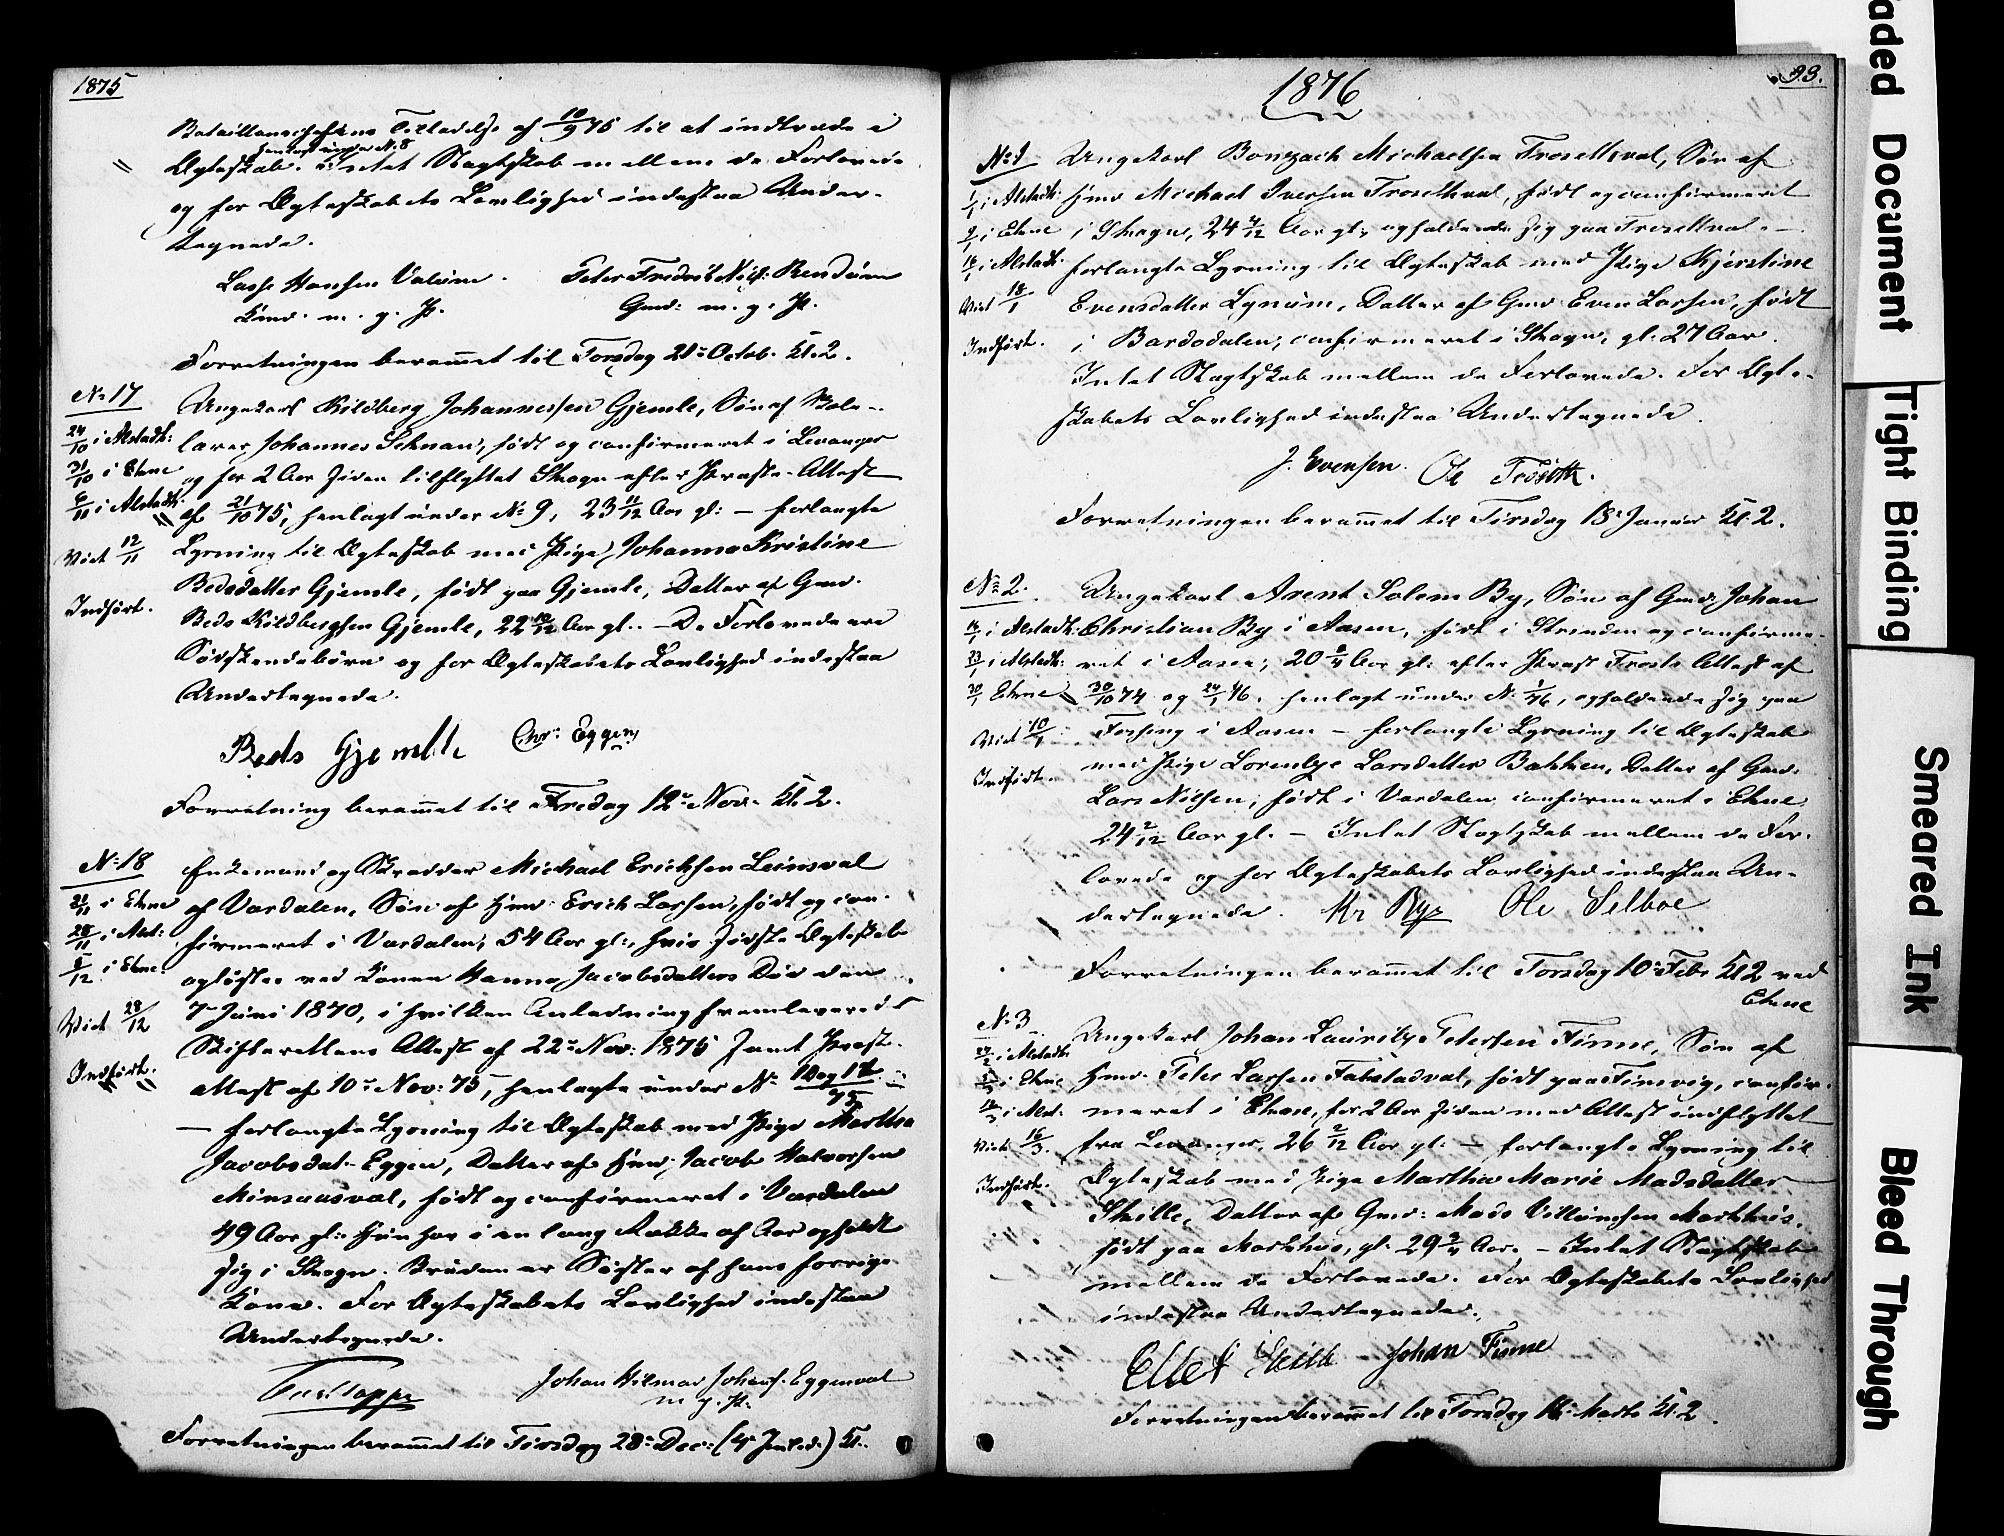 SAT, Ministerialprotokoller, klokkerbøker og fødselsregistre - Nord-Trøndelag, 717/L0161: Forlovererklæringer nr. 717A11, 1850-1895, s. 93